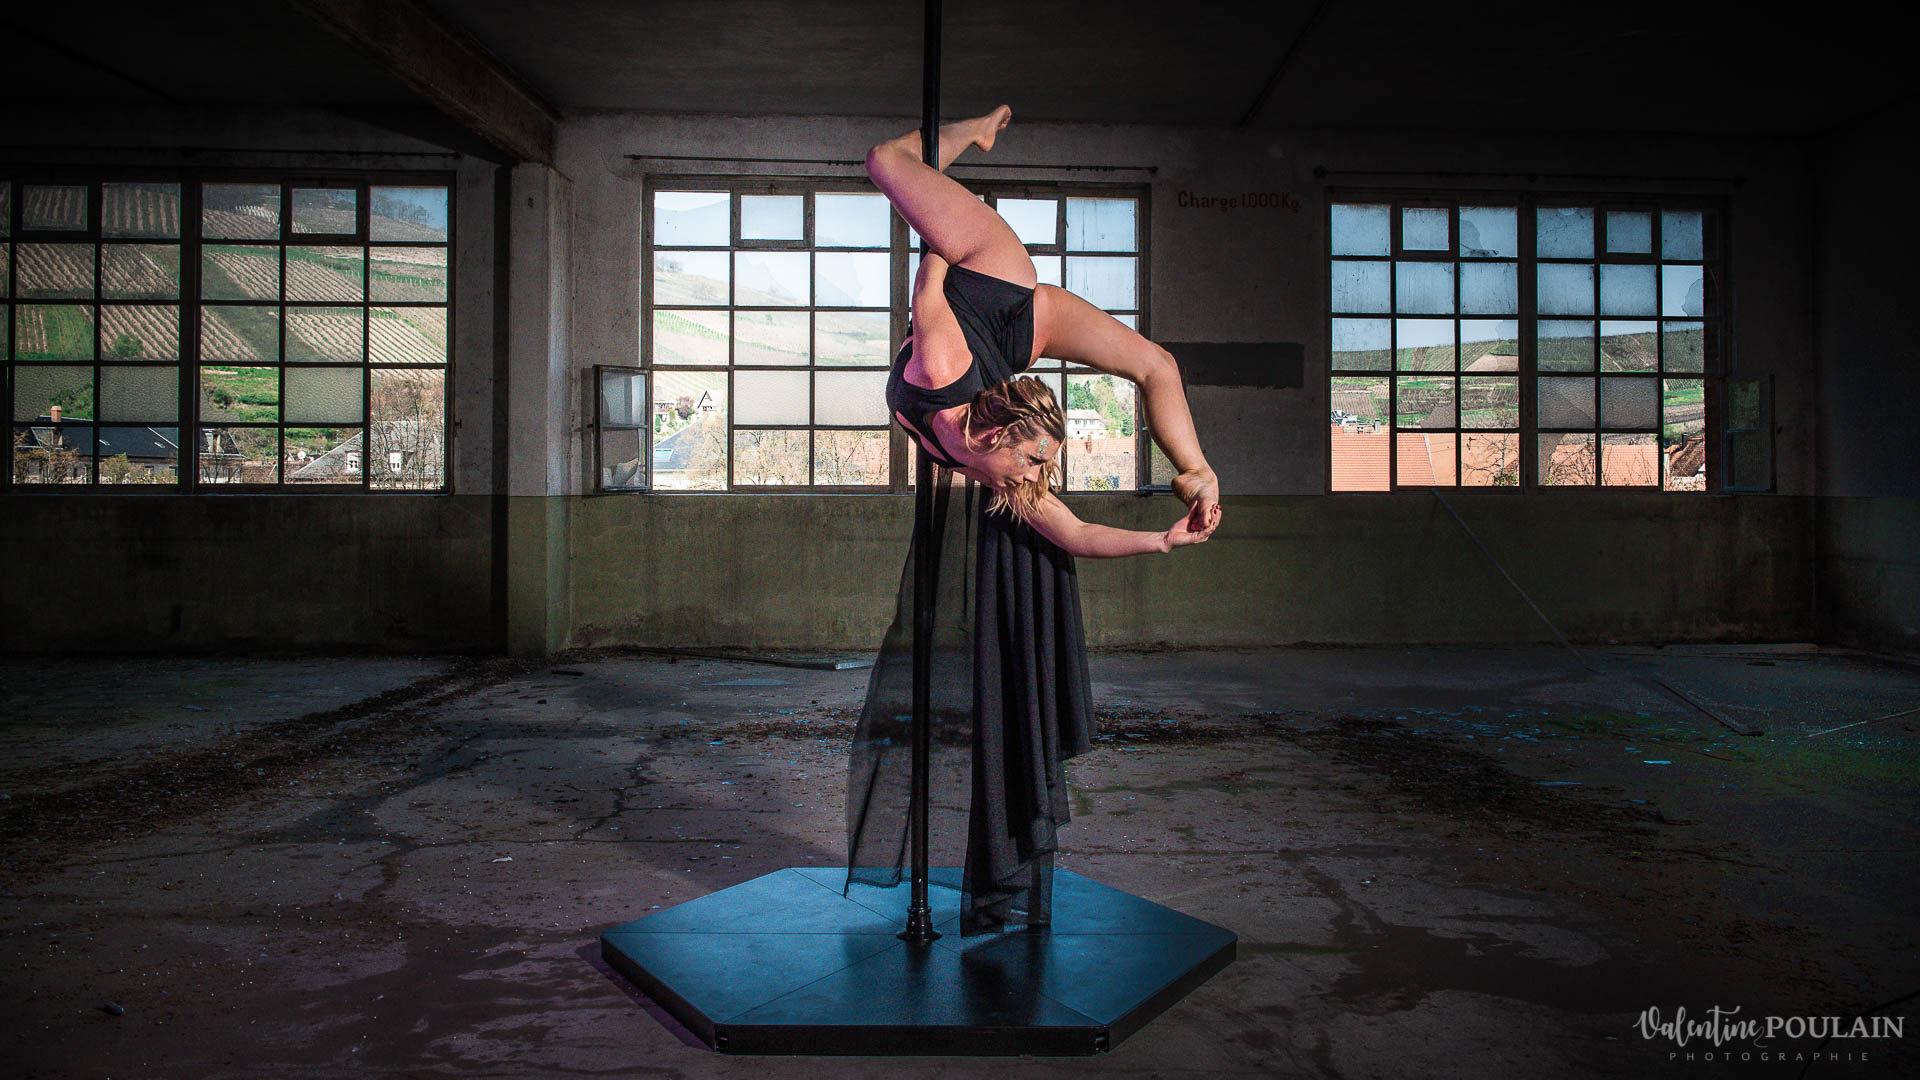 Shooting Pole Dance gymnastique - Valentine Poulain figure